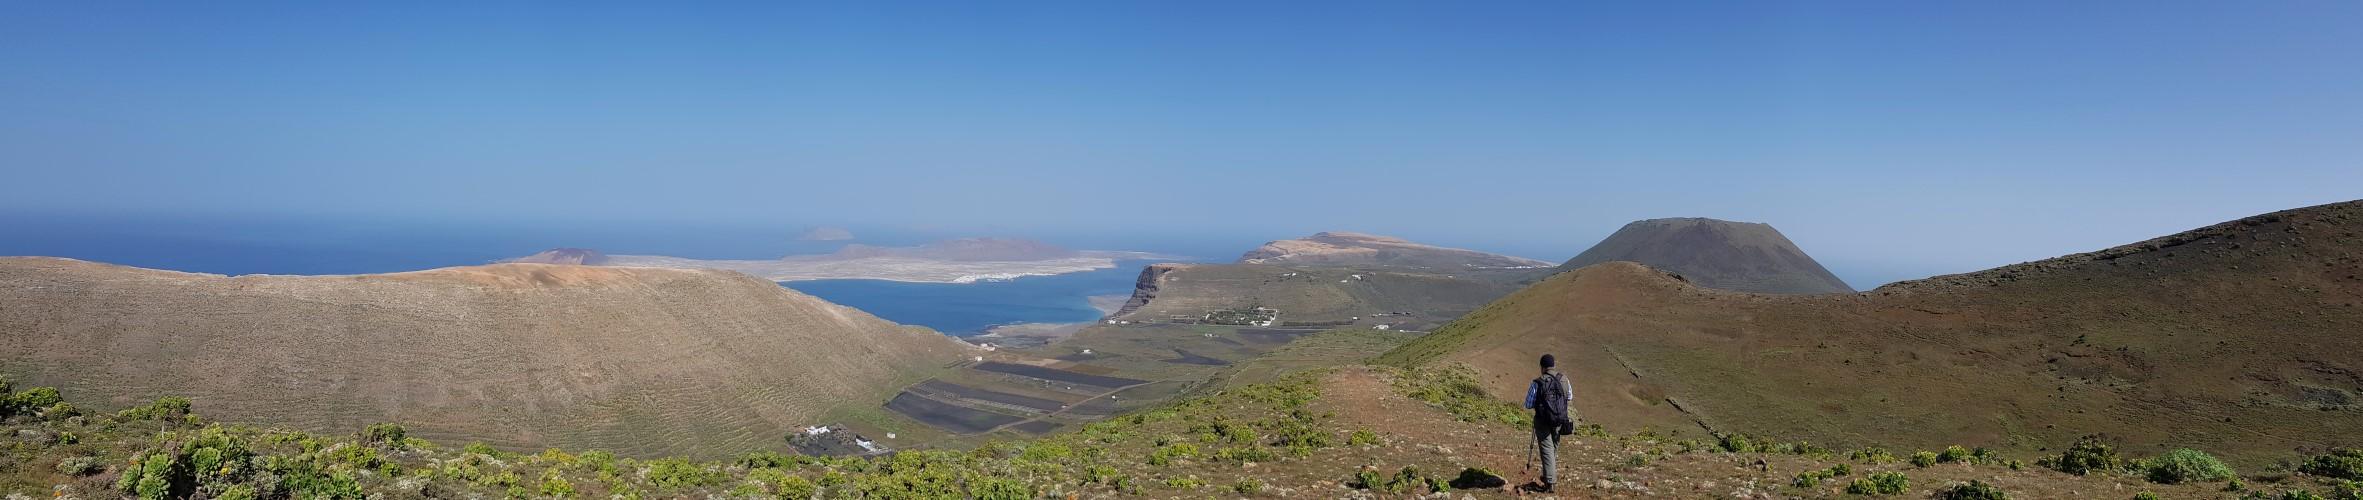 Panoramaansicht am Fuß zum Aufstieg zum Krater Los Helechos